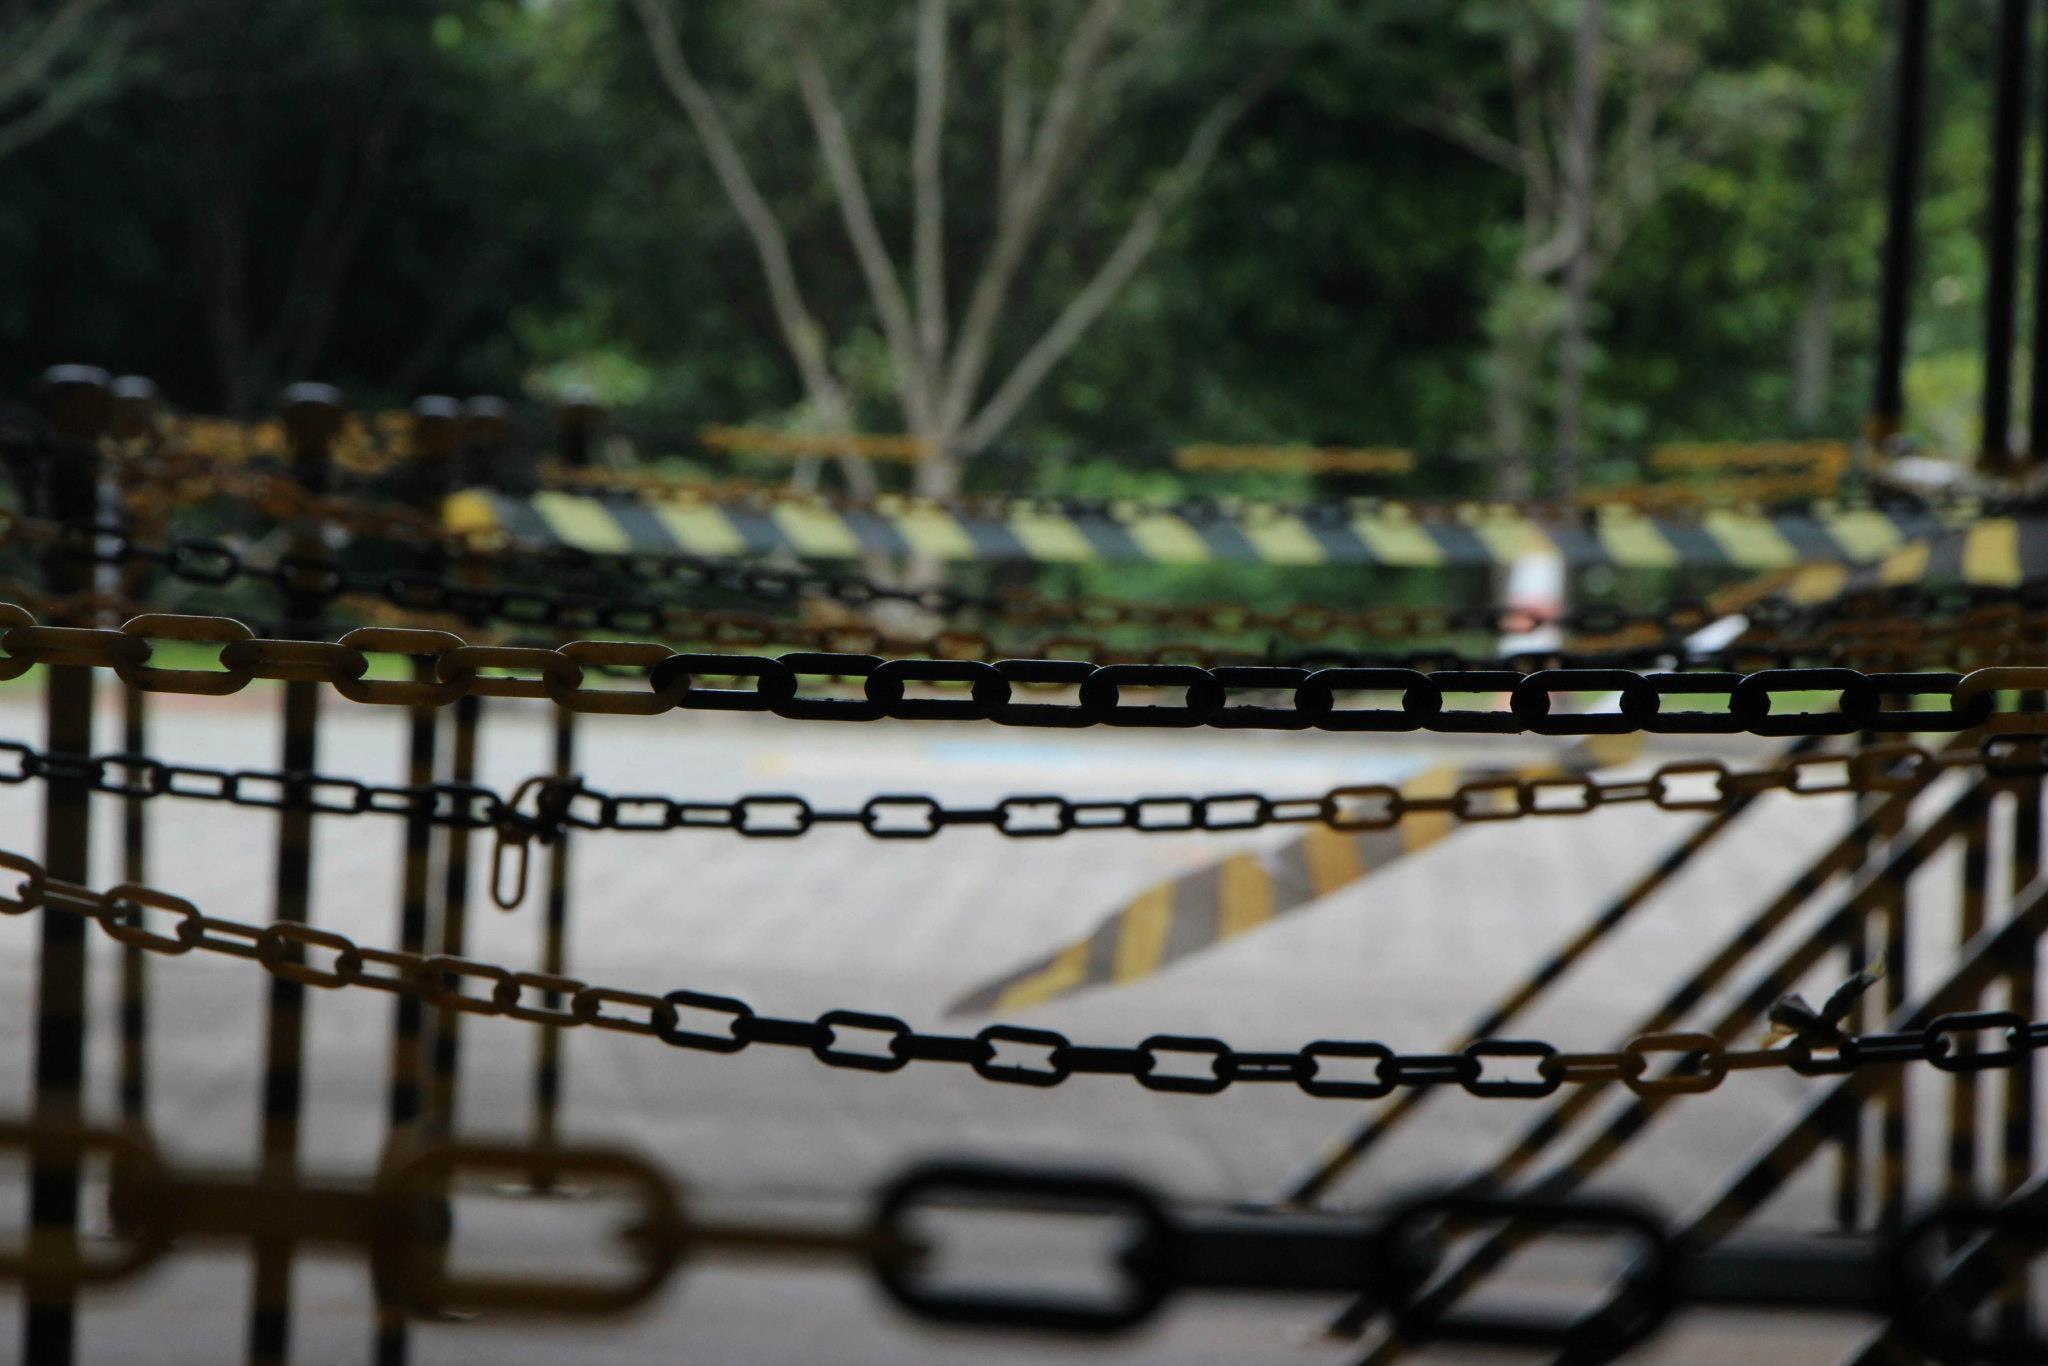 Free stock photo of cercado, chain, corrente, prohibited